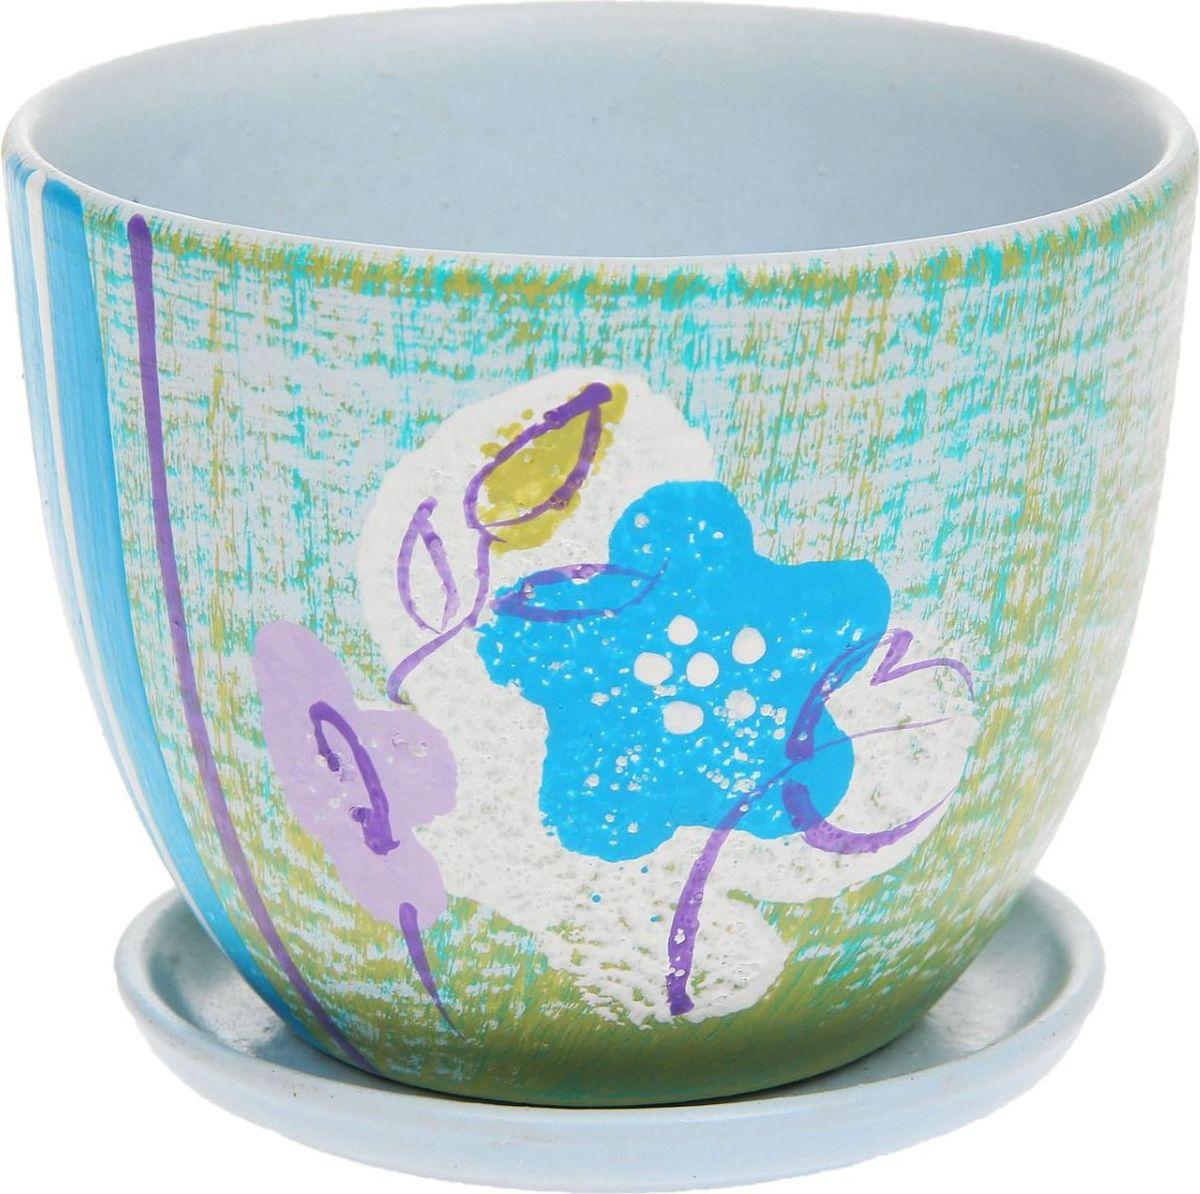 Кашпо Загадка, цвет: голубой, 0,6 л1138588Кашпо Загадка выполнено из керамики. Комнатные растения - всеобщие любимцы. Они радуют глаз, насыщают помещение кислородом и украшают пространство. Каждому из них необходим свой удобный и красивый дом. Кашпо из керамики прекрасно подходят для высадки растений: - за счёт пластичности глины и разных способов обработки существует великое множество форм и дизайнов- пористый материал позволяет испаряться лишней влаге - воздух, необходимый для дыхания корней, проникает сквозь керамические стенки! Кашпо Загадка позаботится о зелёном питомце, освежит интерьер и подчеркнёт его стиль.